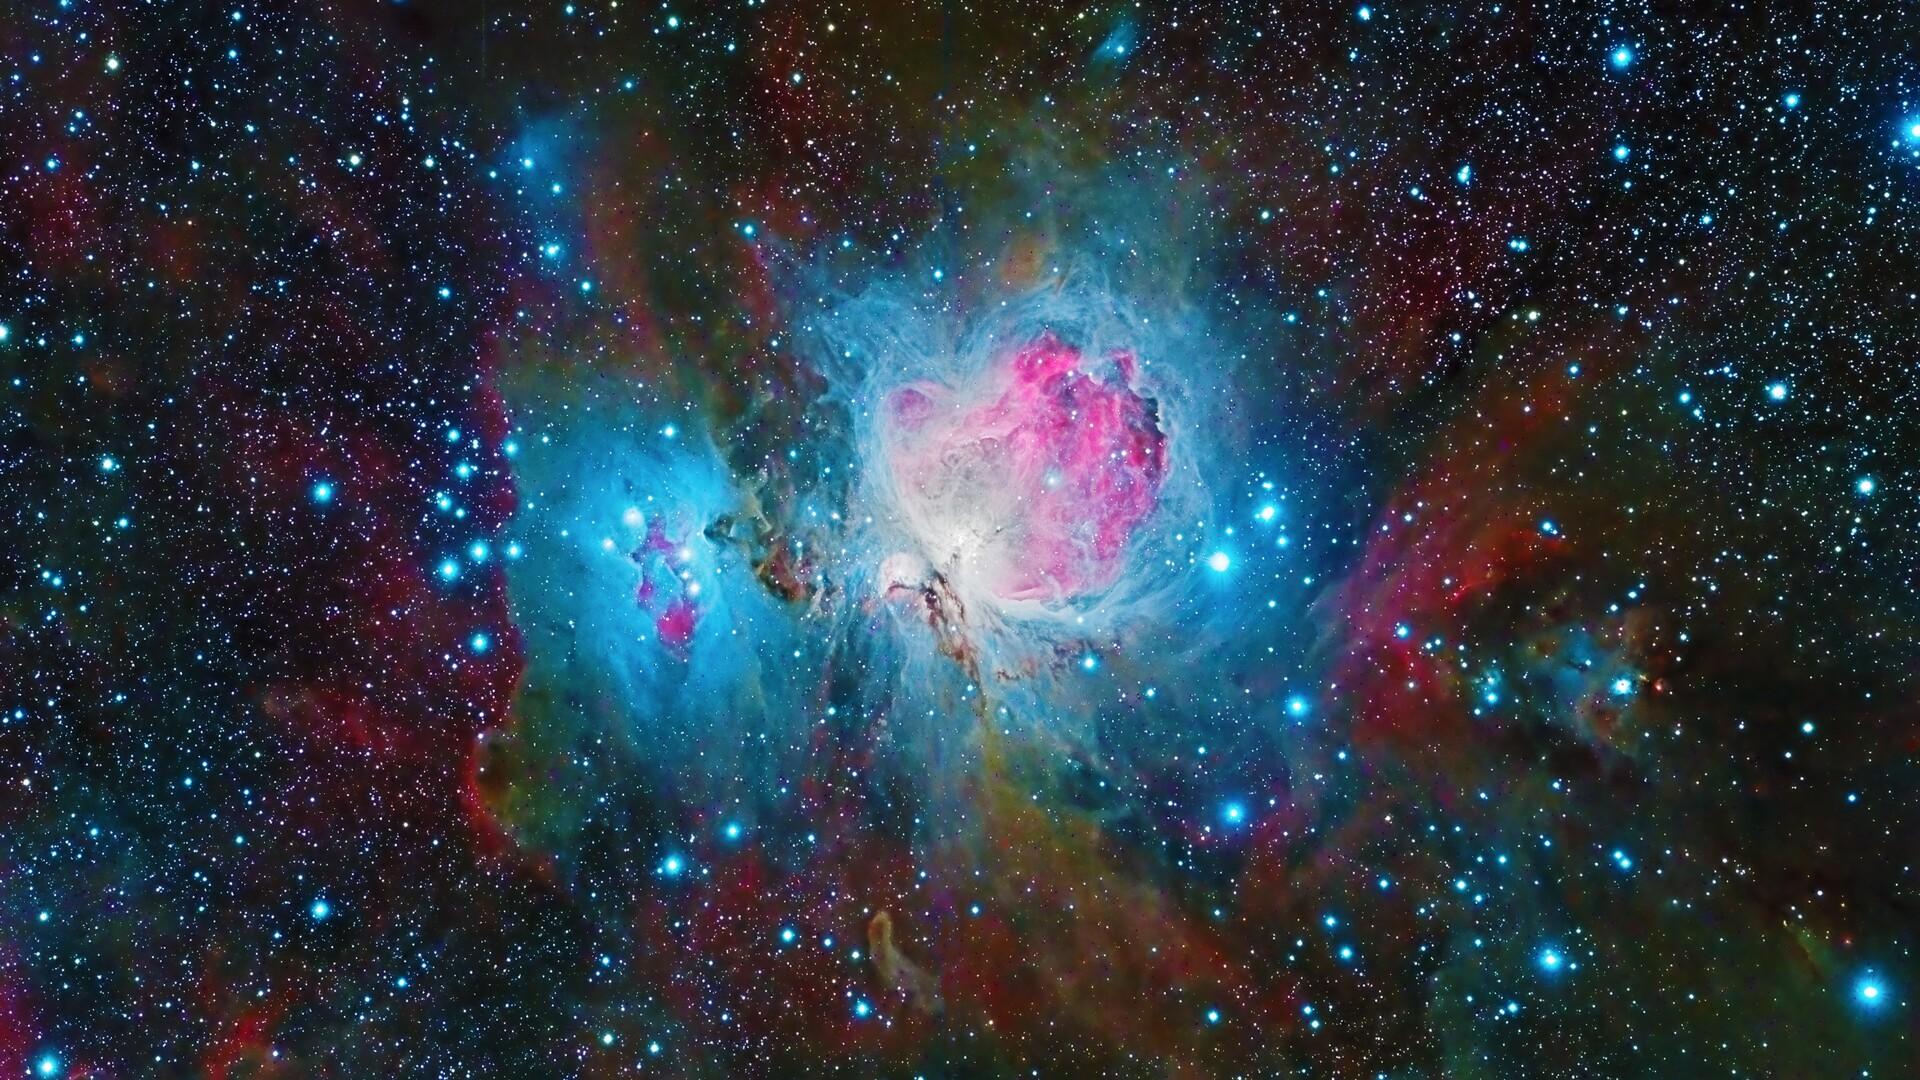 1920x1080 nebula space galaxy colorful 4k laptop full hd - 1080p nebula wallpaper ...